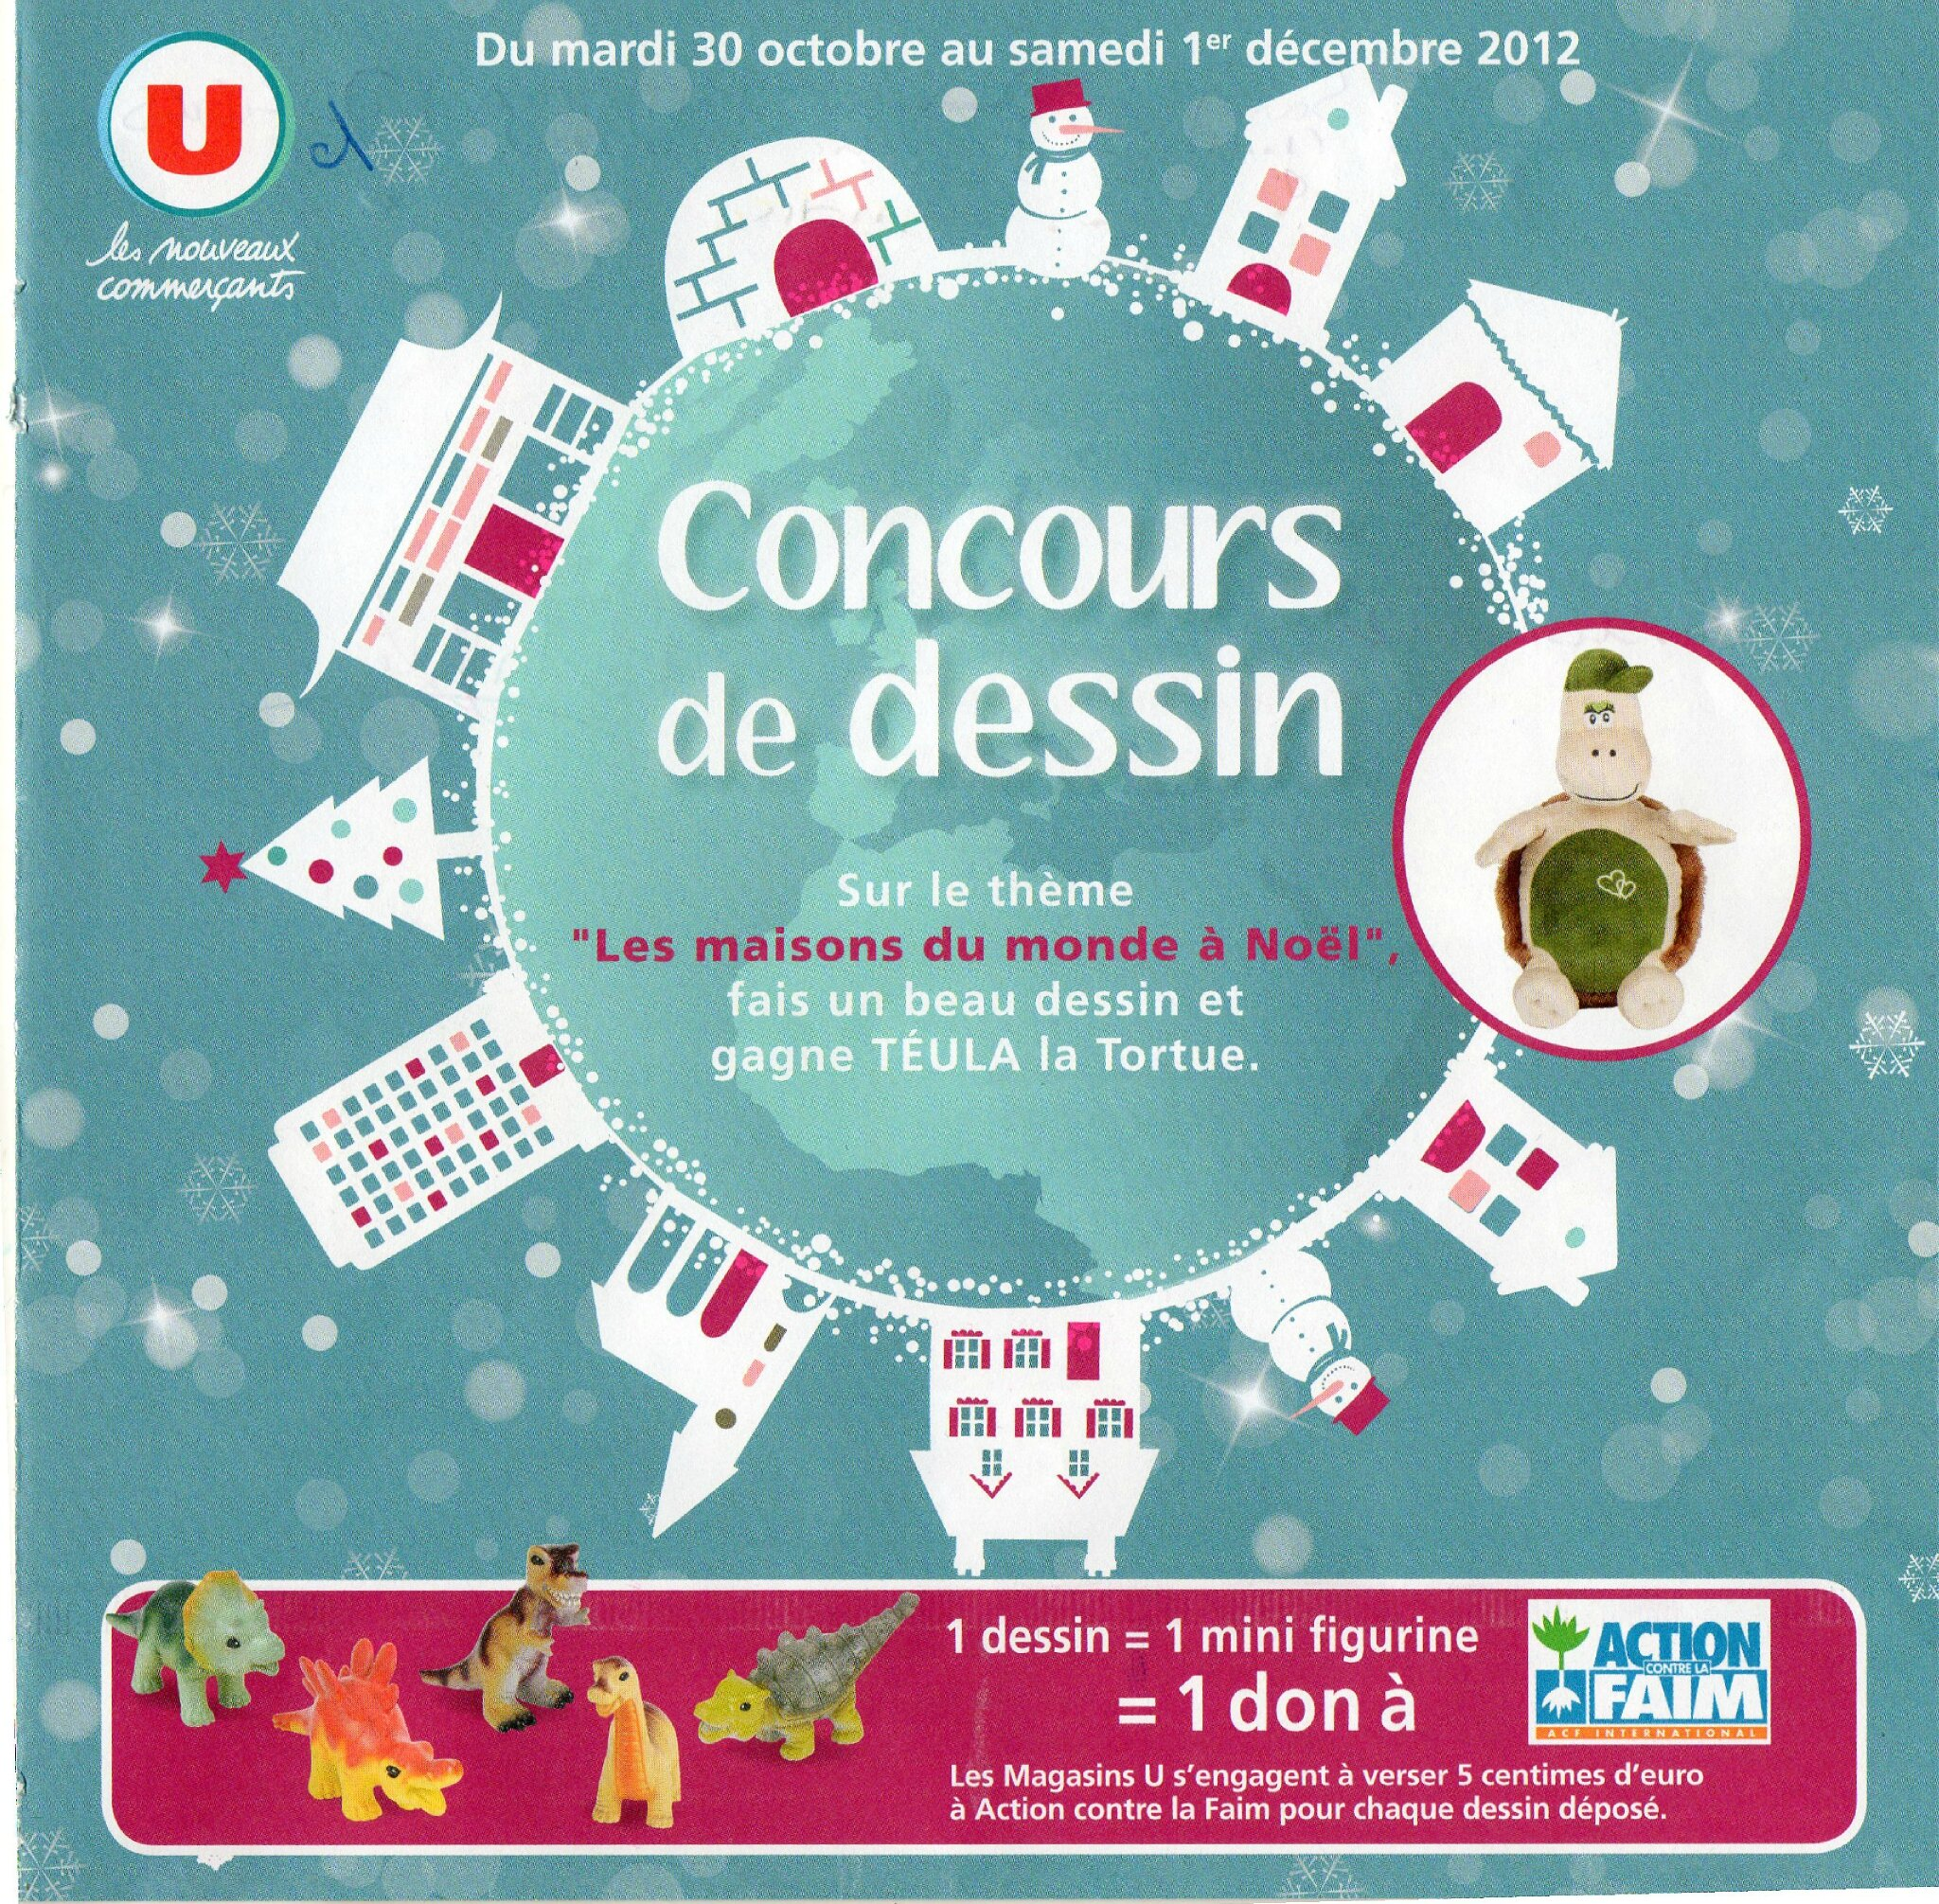 Concours Maison Du Monde.Concours De Dessin Les Maisons Du Monde A Noel Les Pots